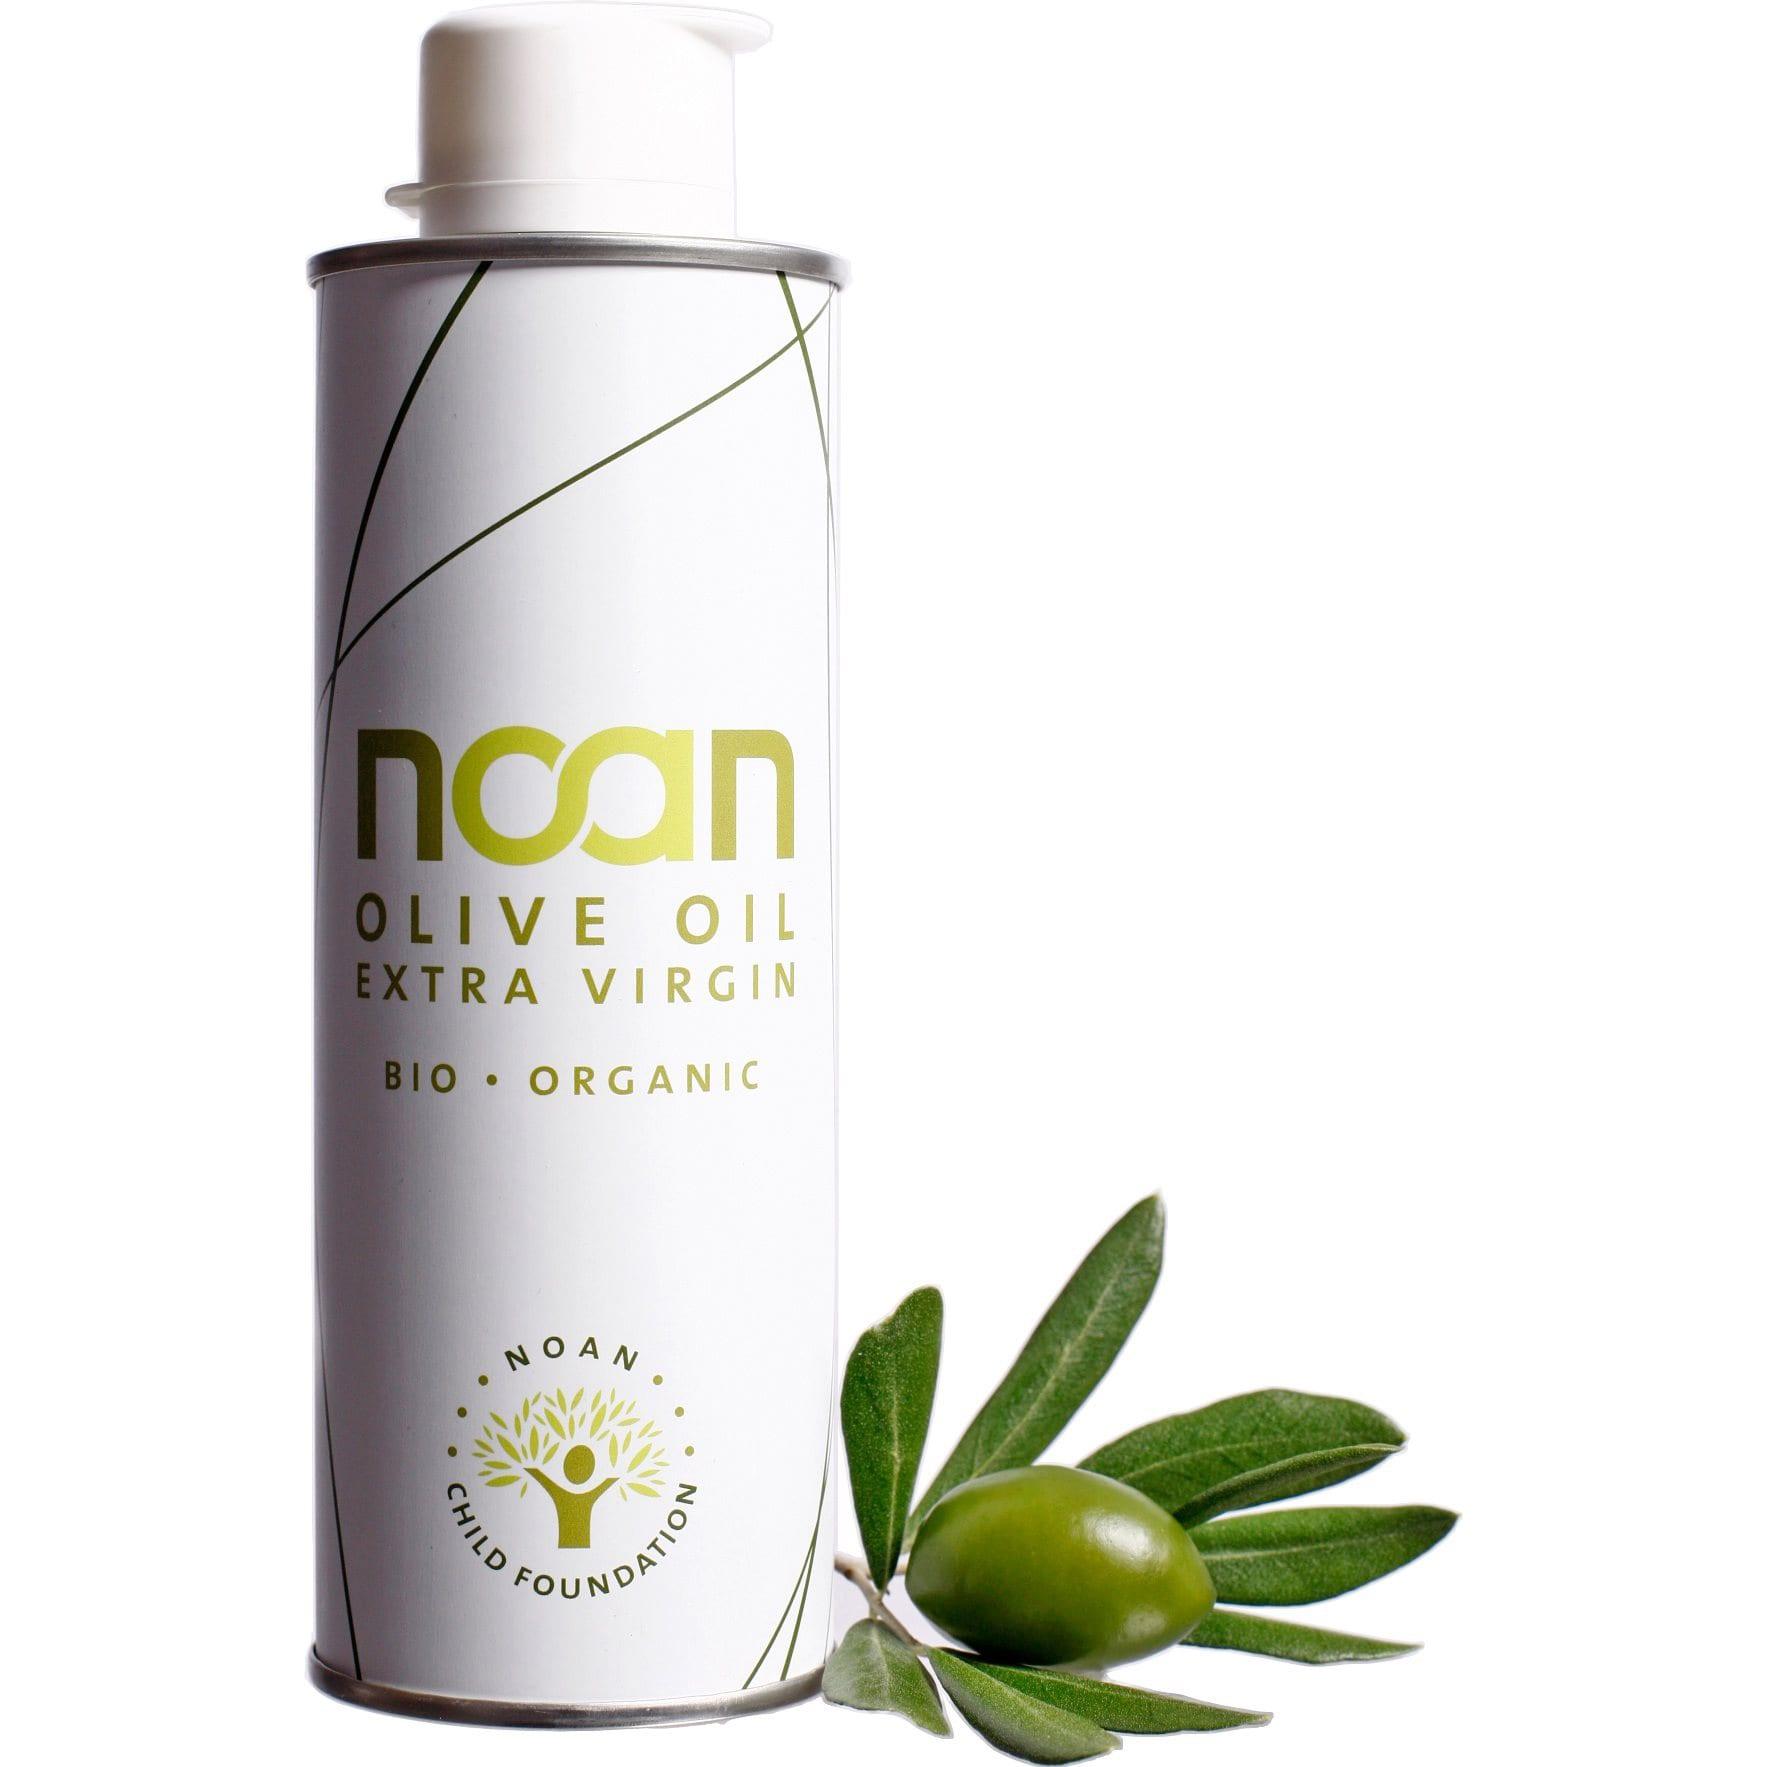 NOAN Classic, græsk, middel, 250 ml - ØkoTaste - Økologiske specialiteter